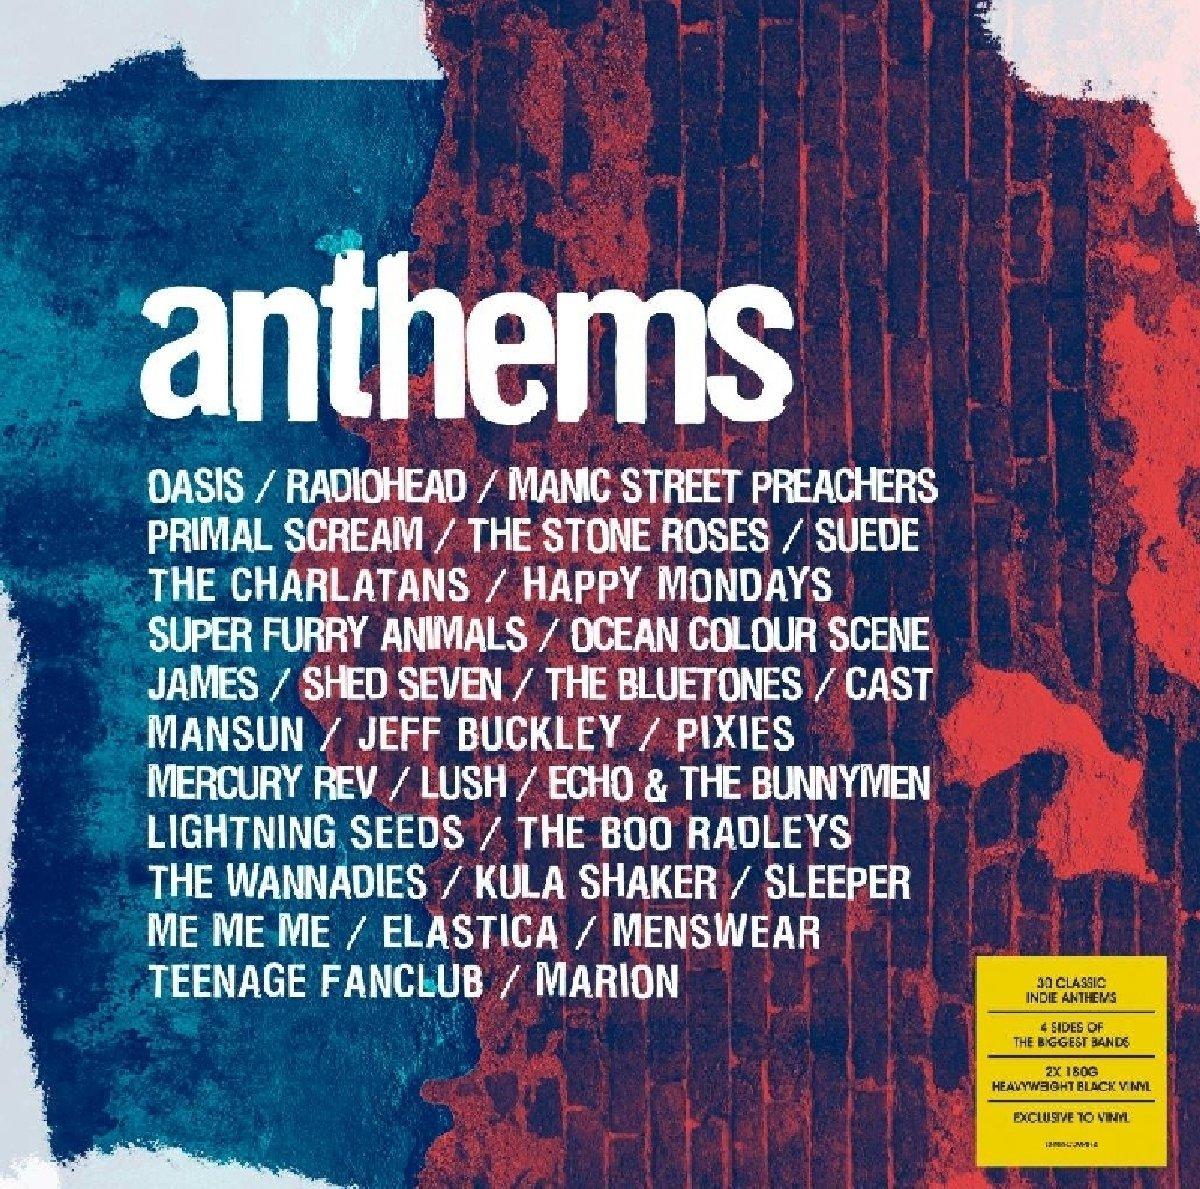 2 LP Vinyl Anthems £9.99 (Prime) £12.98 (Non Prime) on Amazon